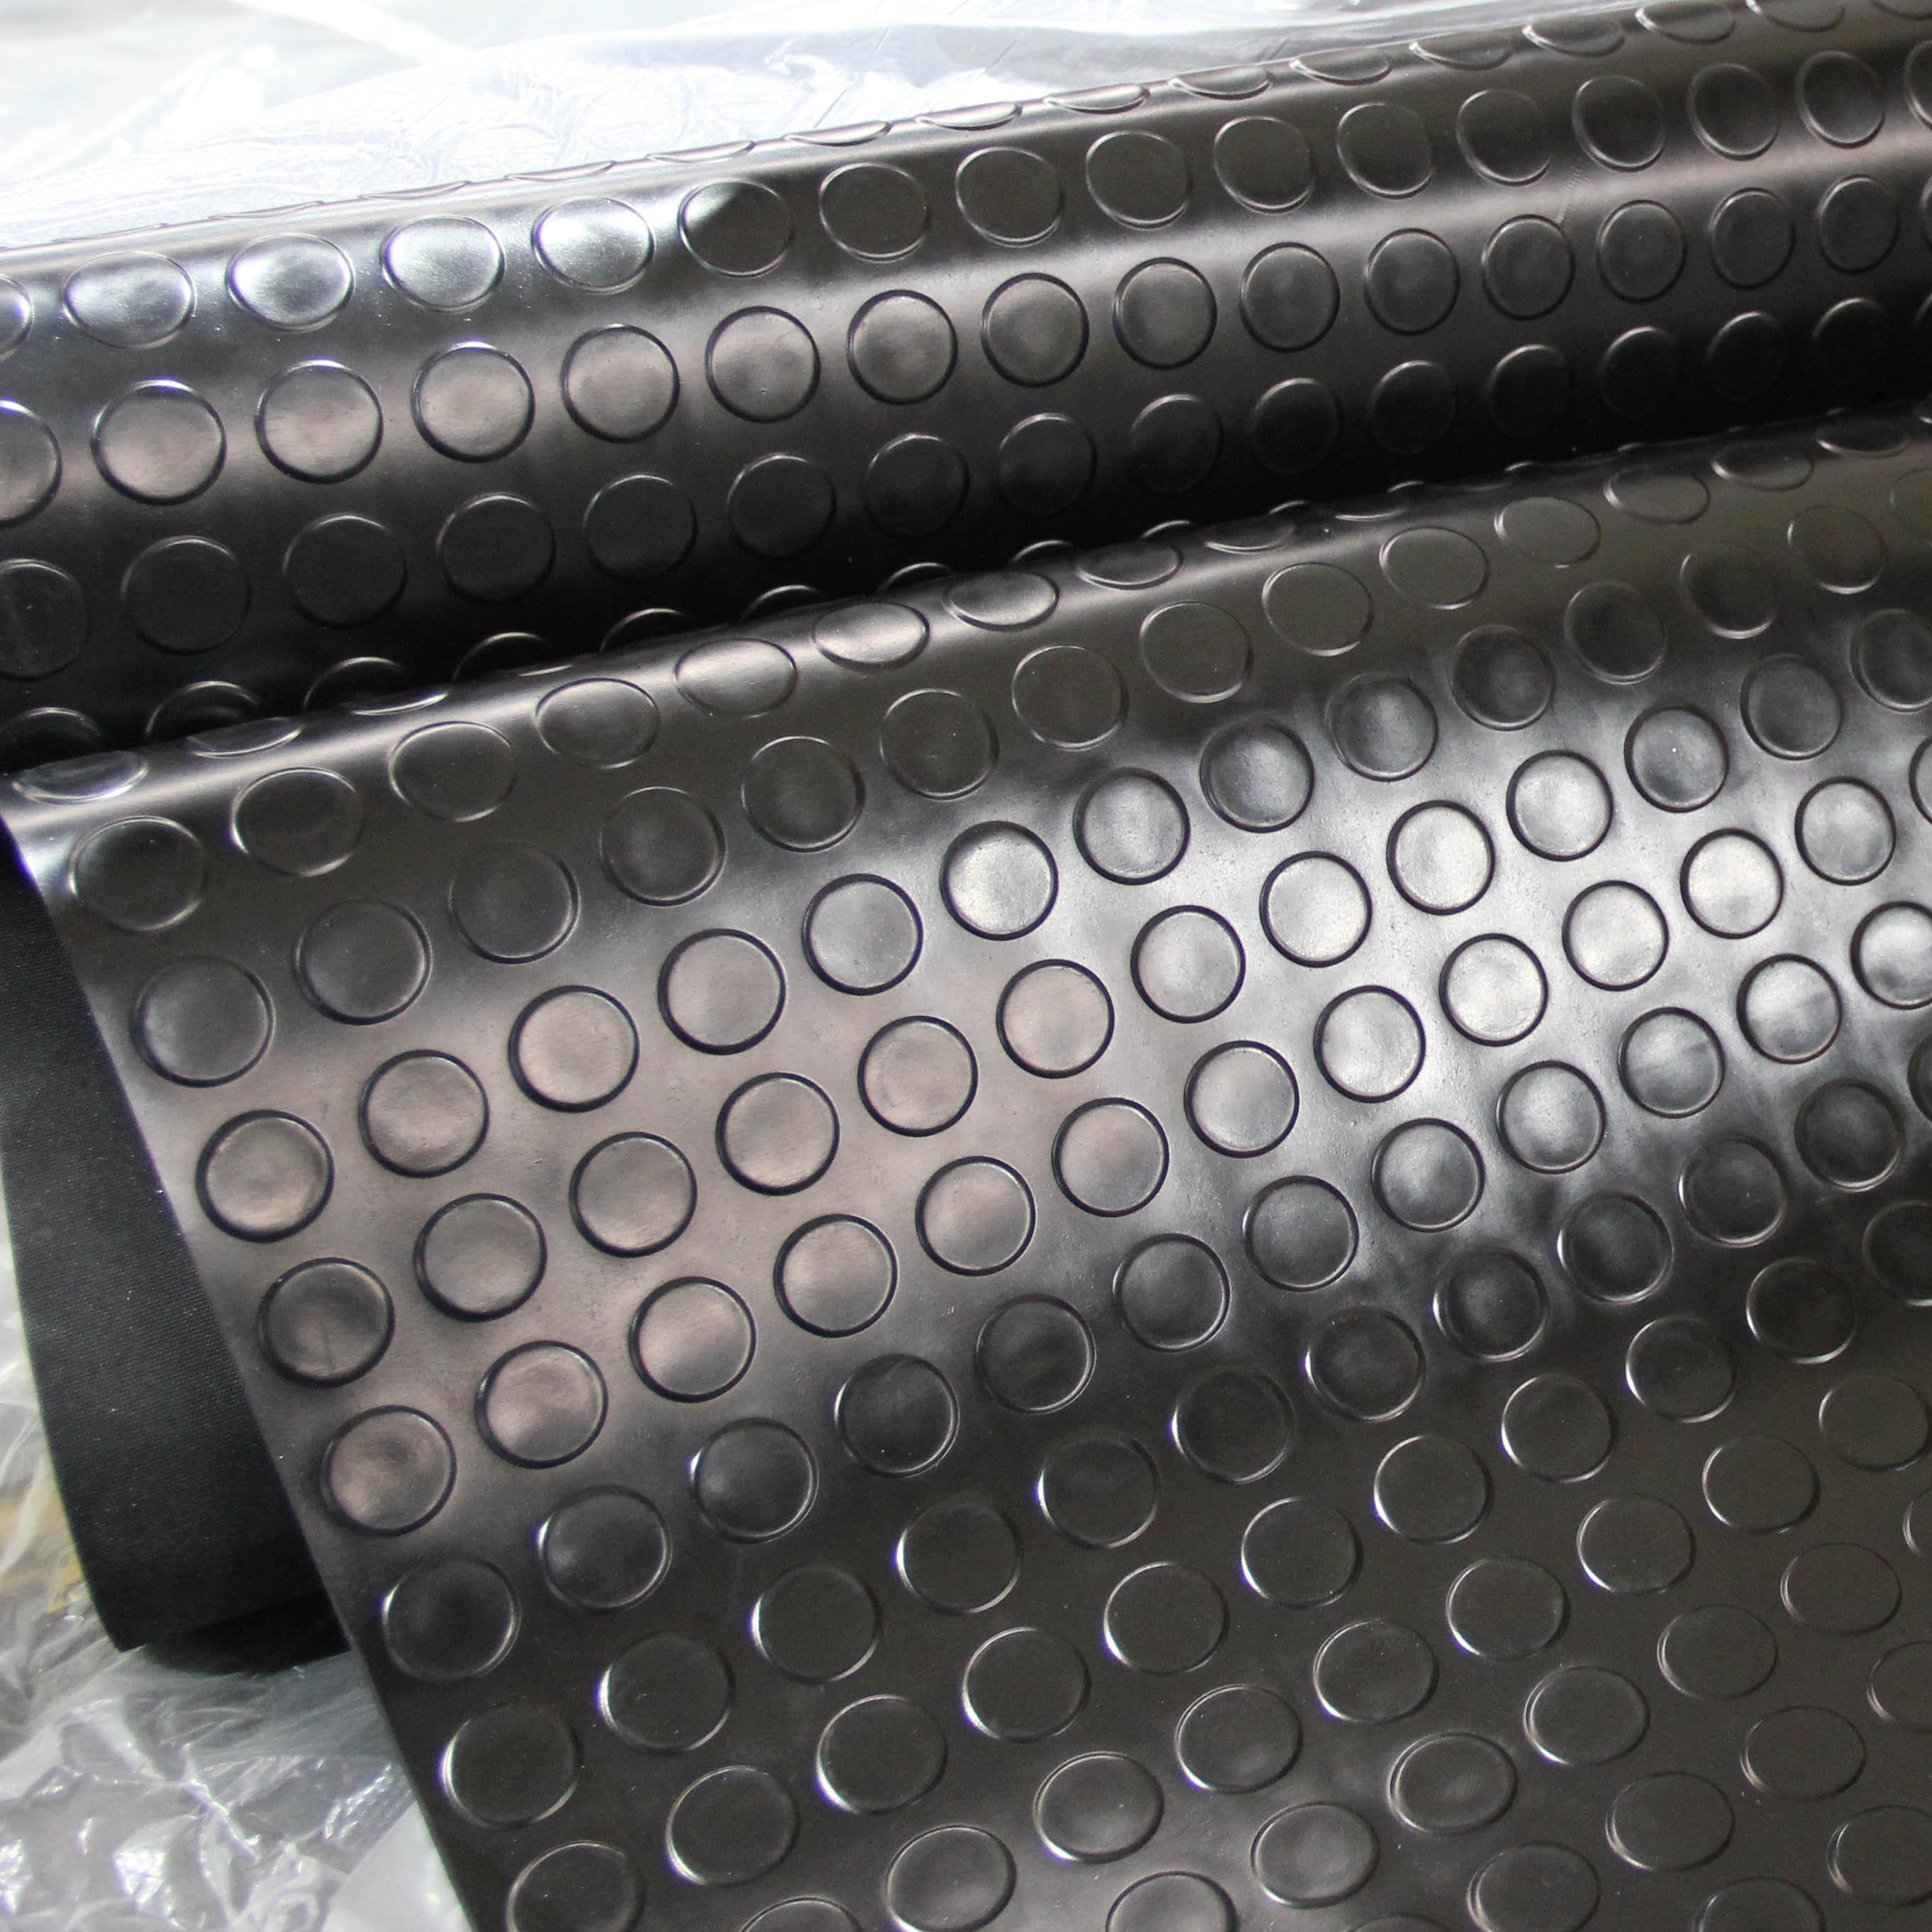 Anti Skid Rubber Flooring